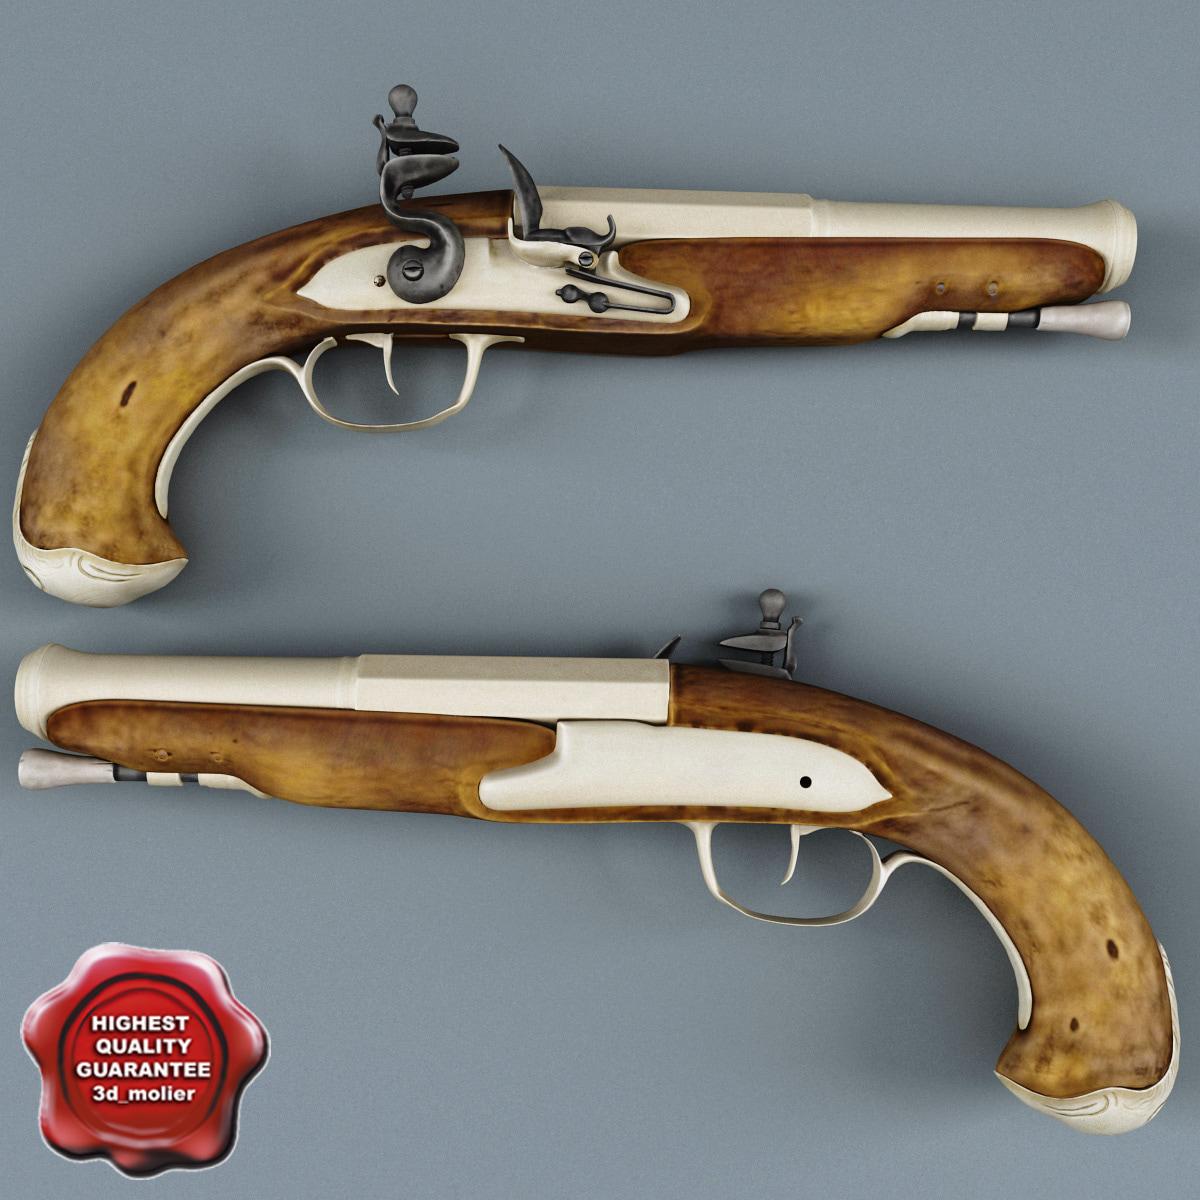 Old_Musket_Pistol_V2_00.jpg